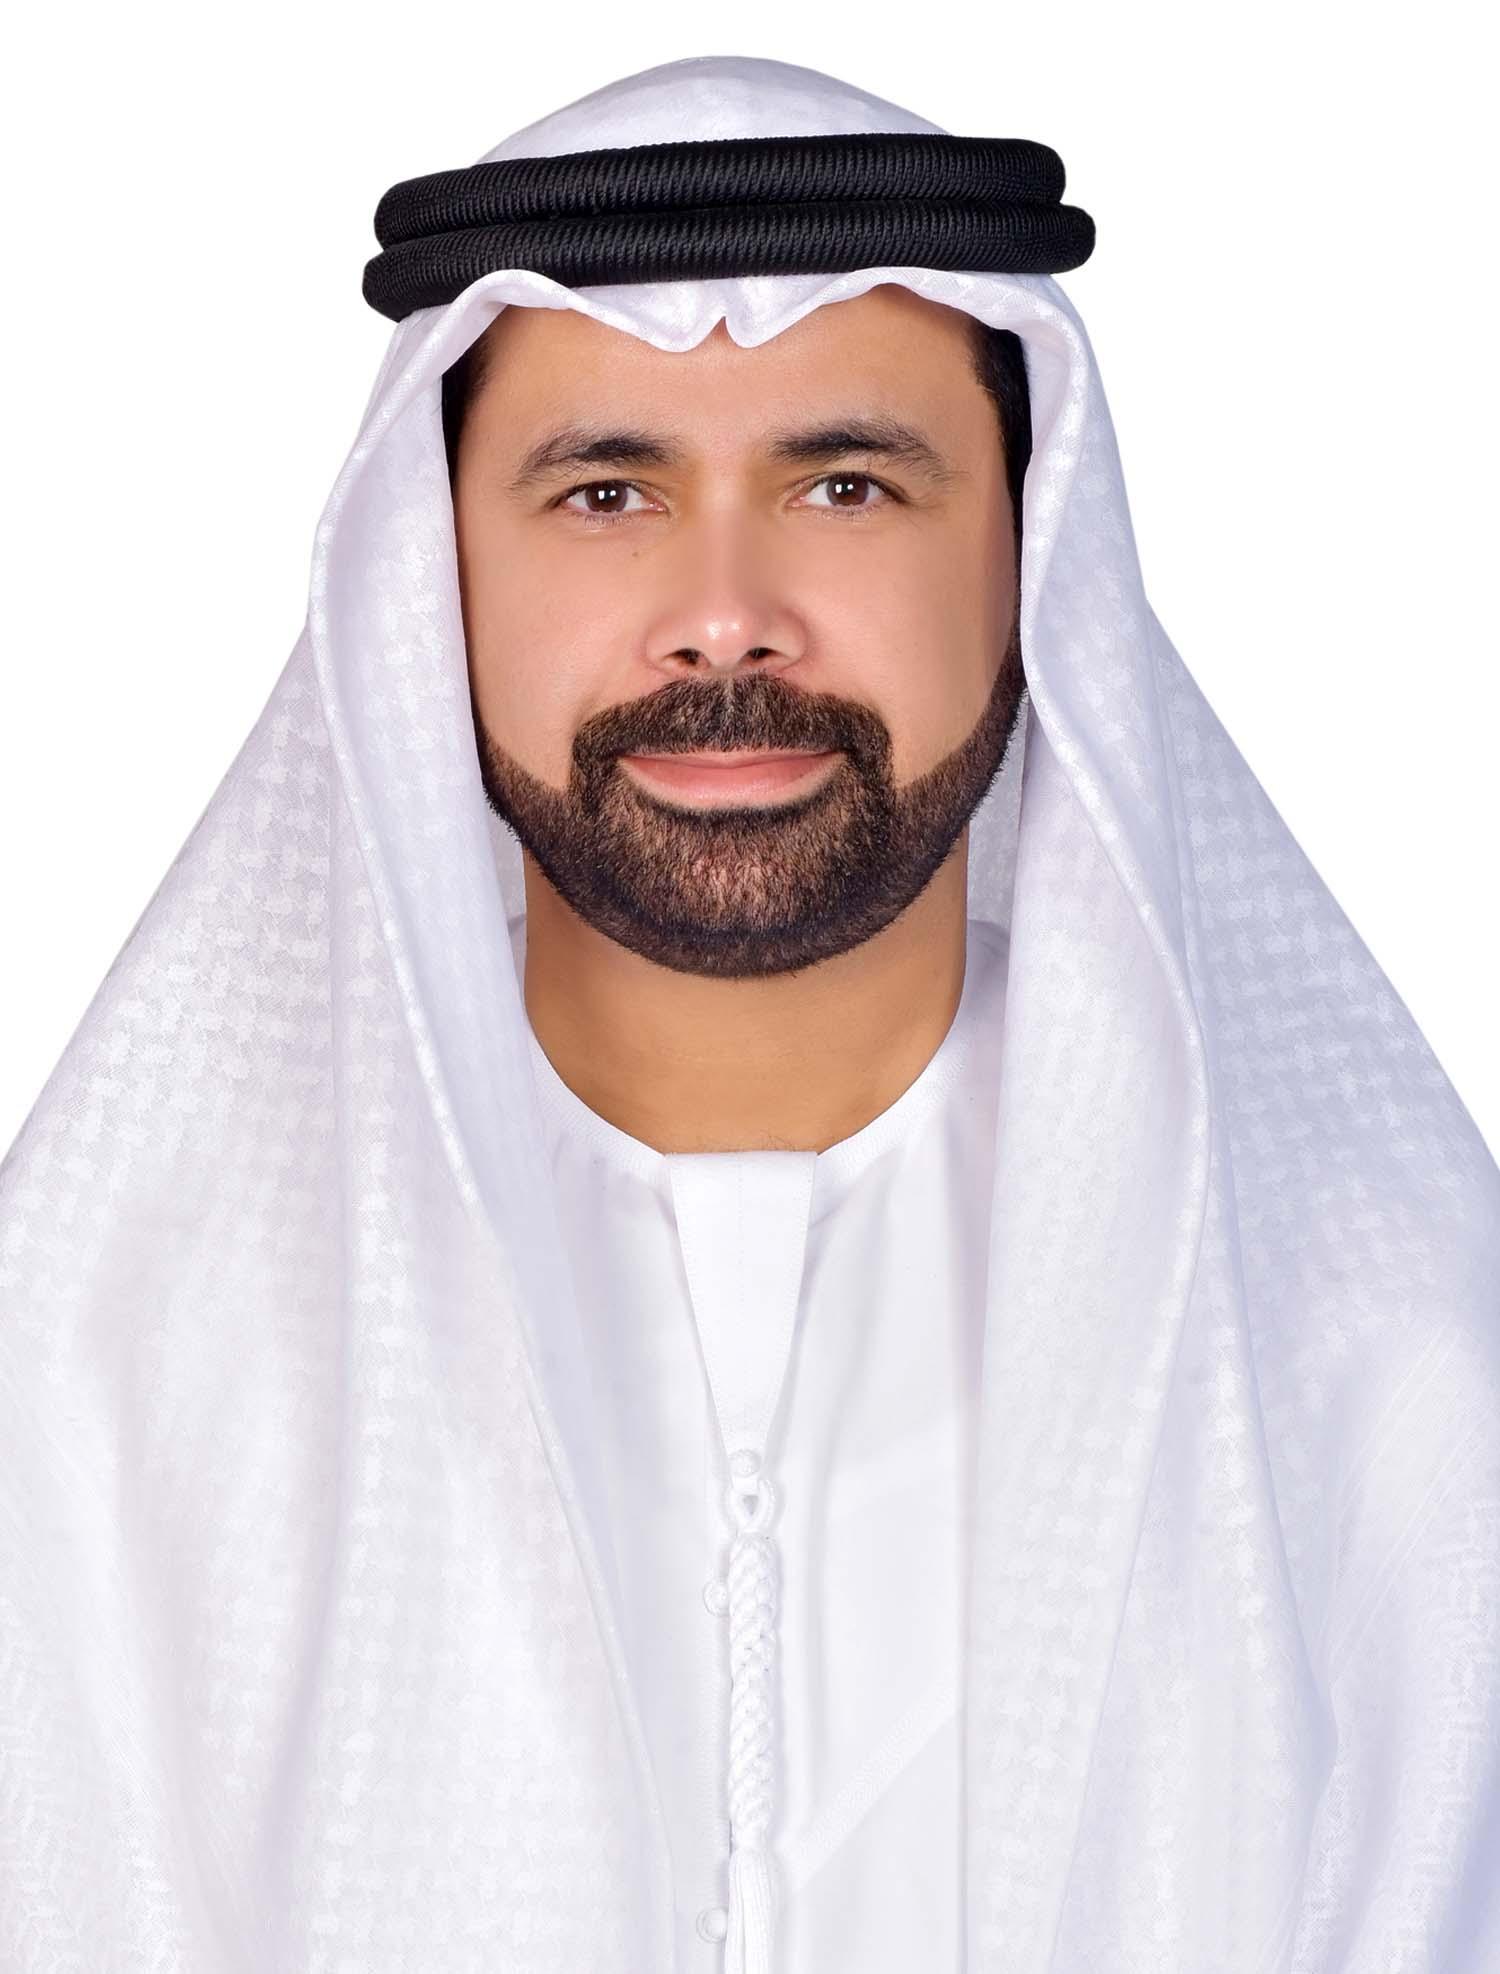 اقتصادية عجمان تُوقّع مذكّرة تفاهم مع موانئ دبي العالمية و مؤسّسة الموانئ والجمارك والمنطقة الحرة